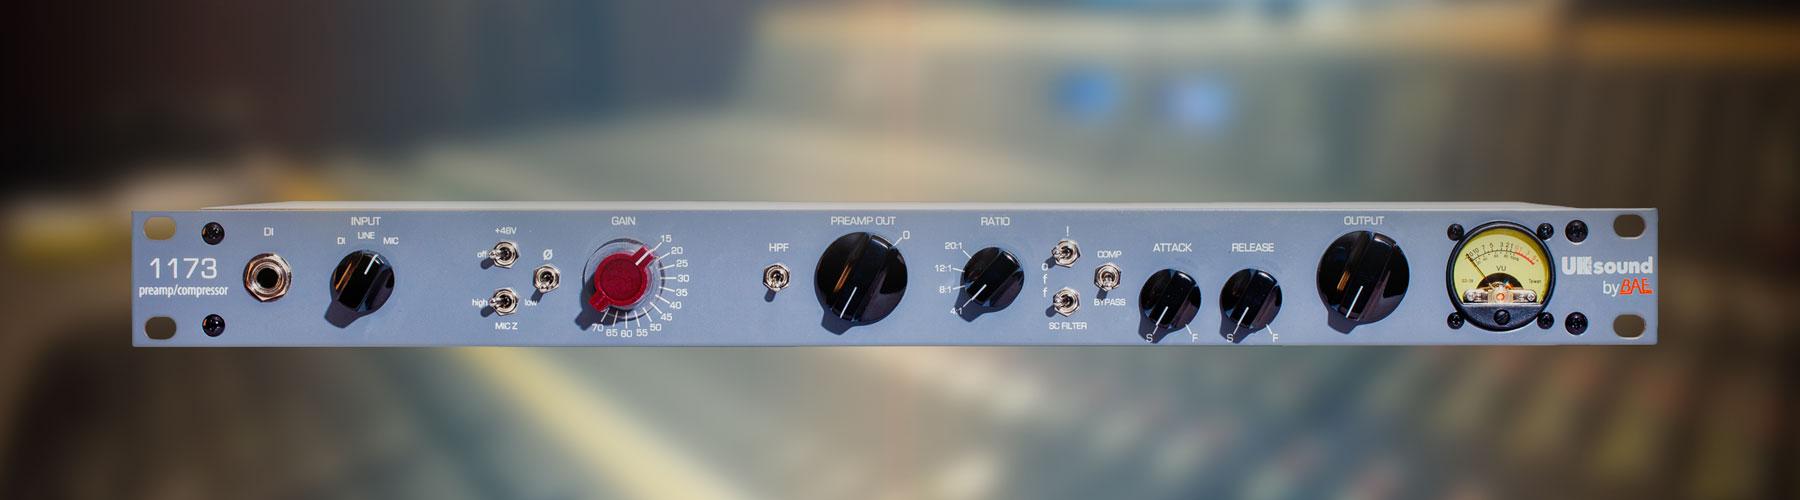 1173 Mic Pre Compressor